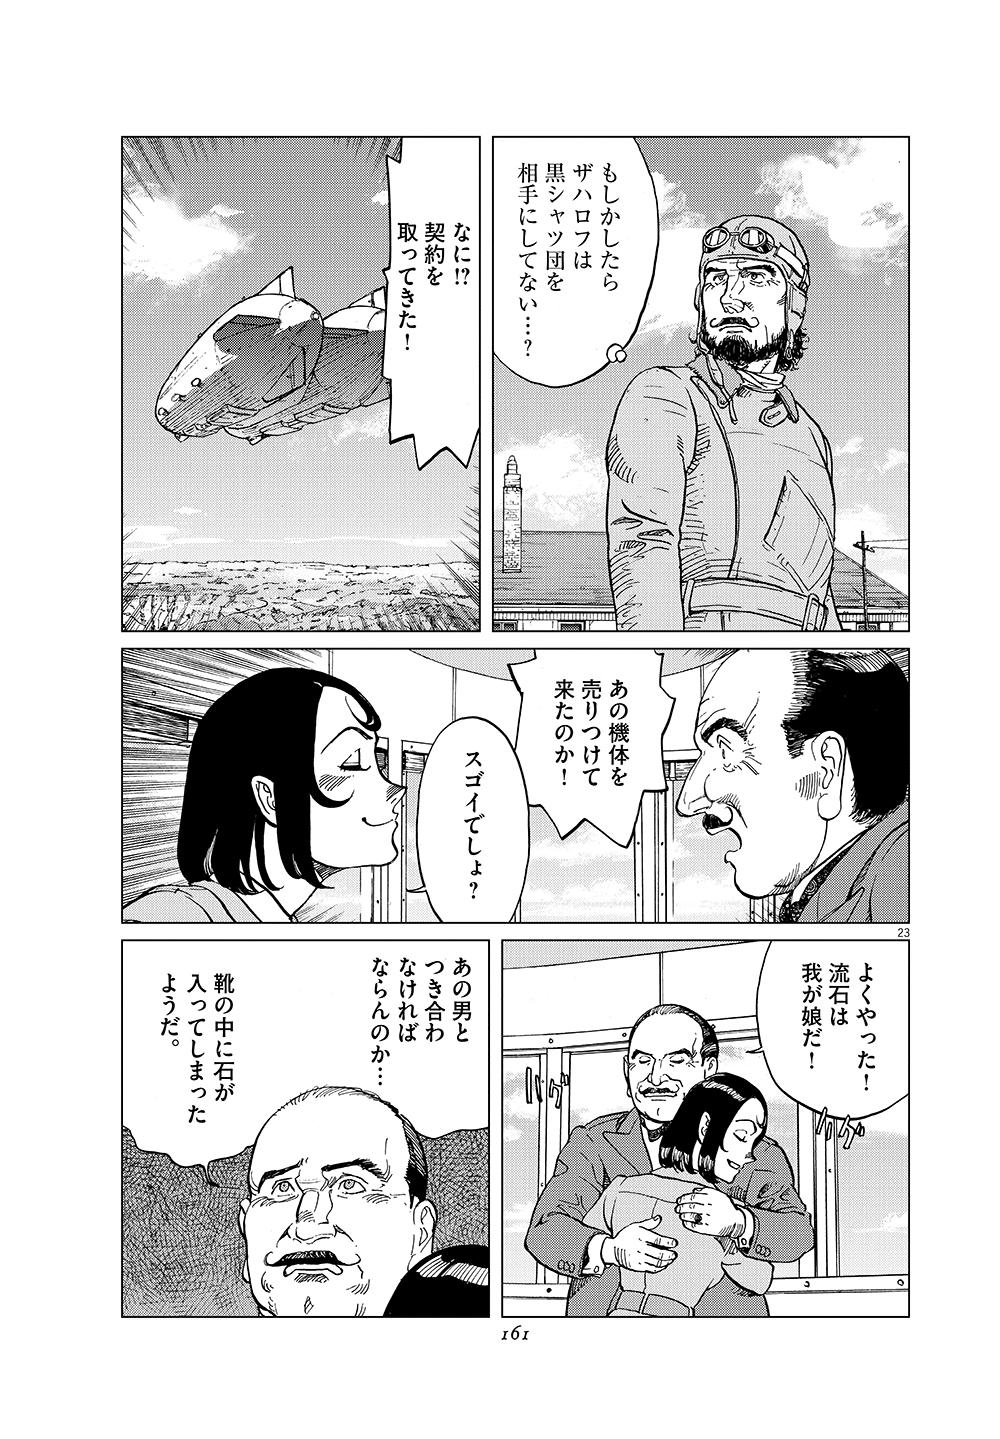 女流飛行士マリア・マンテガッツァの冒険 第十九話23ページ目画像